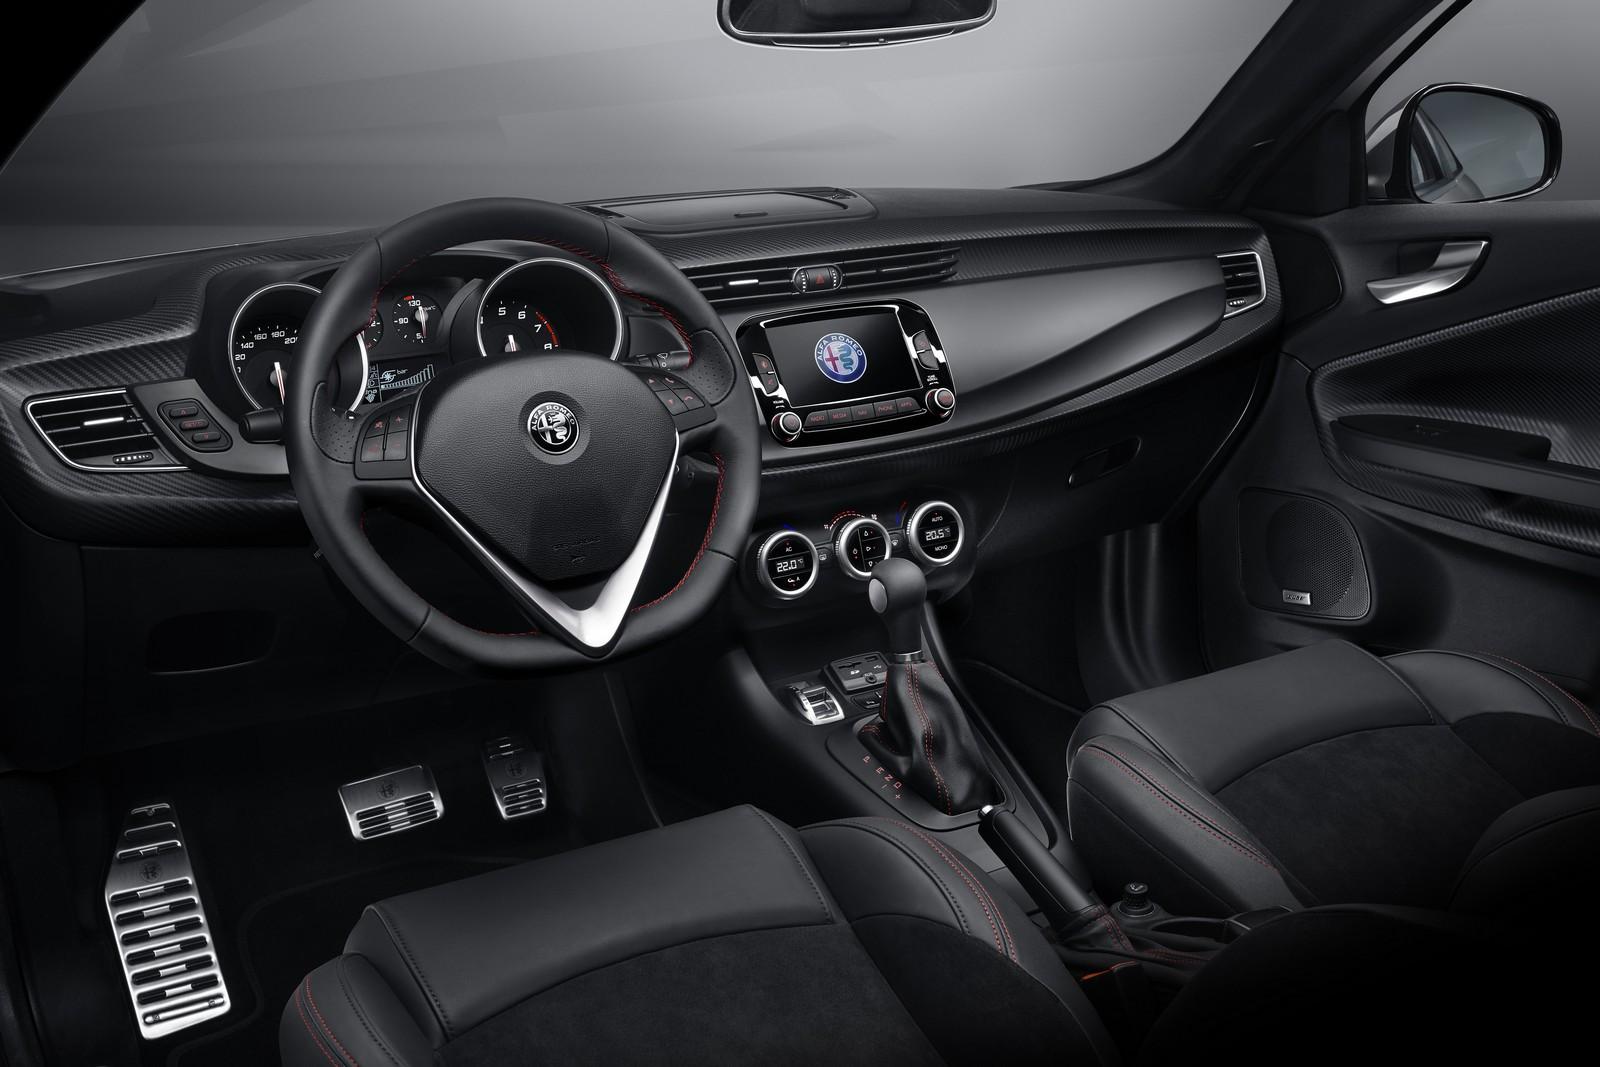 Nuova-Alfa-Romeo-Giulietta-2016-restyling-3